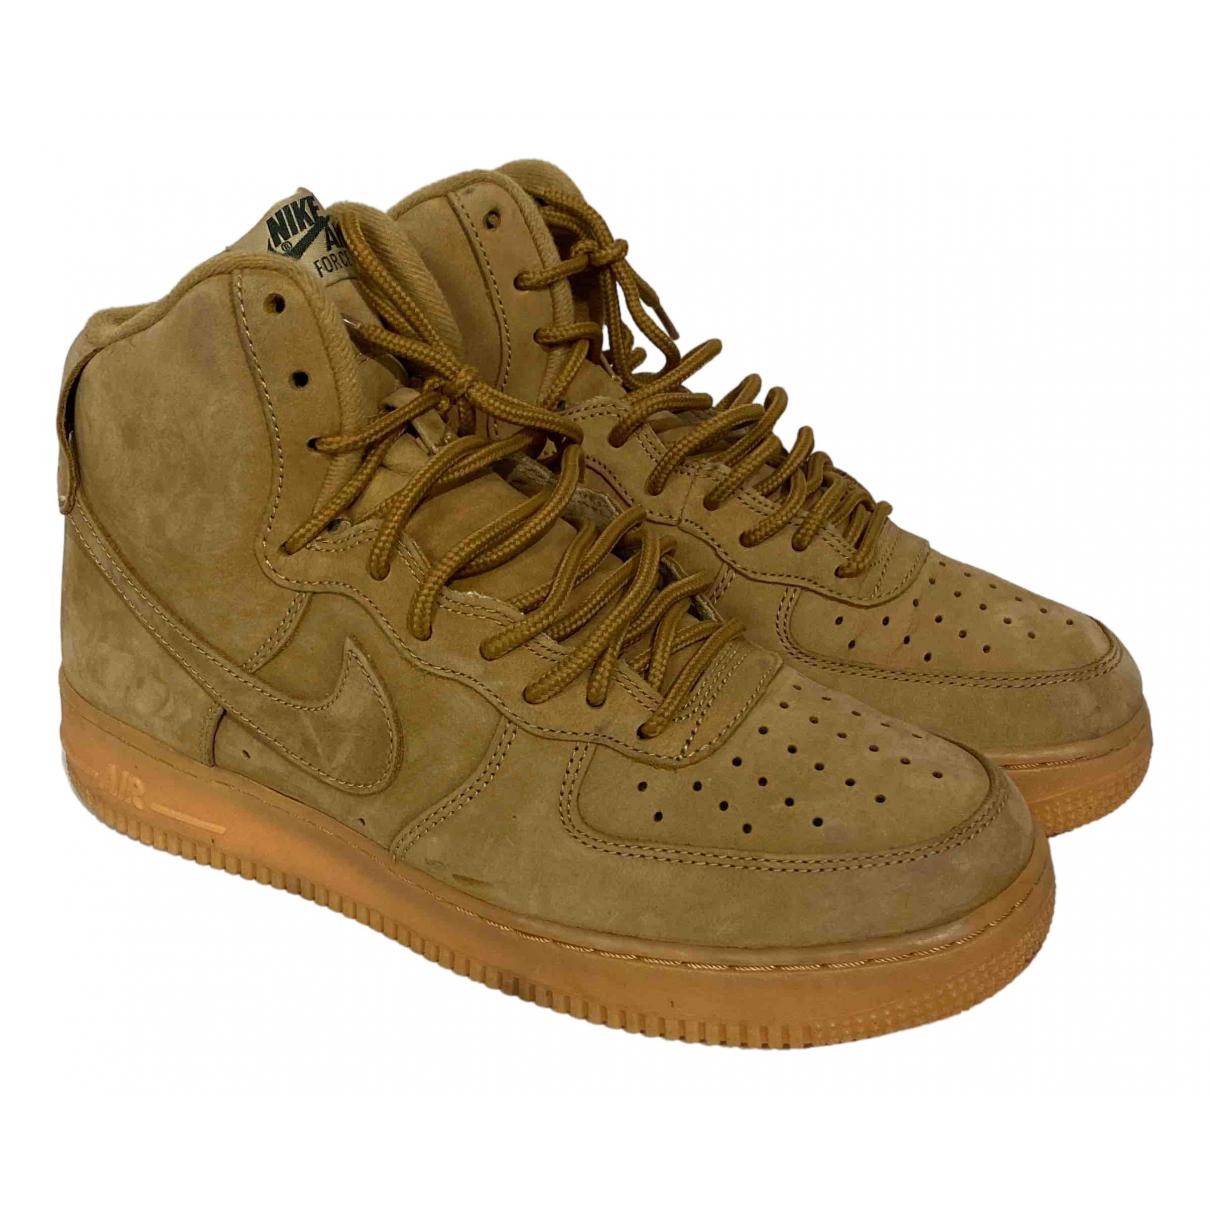 Nike - Baskets Air Force 1 pour homme en suede - marron